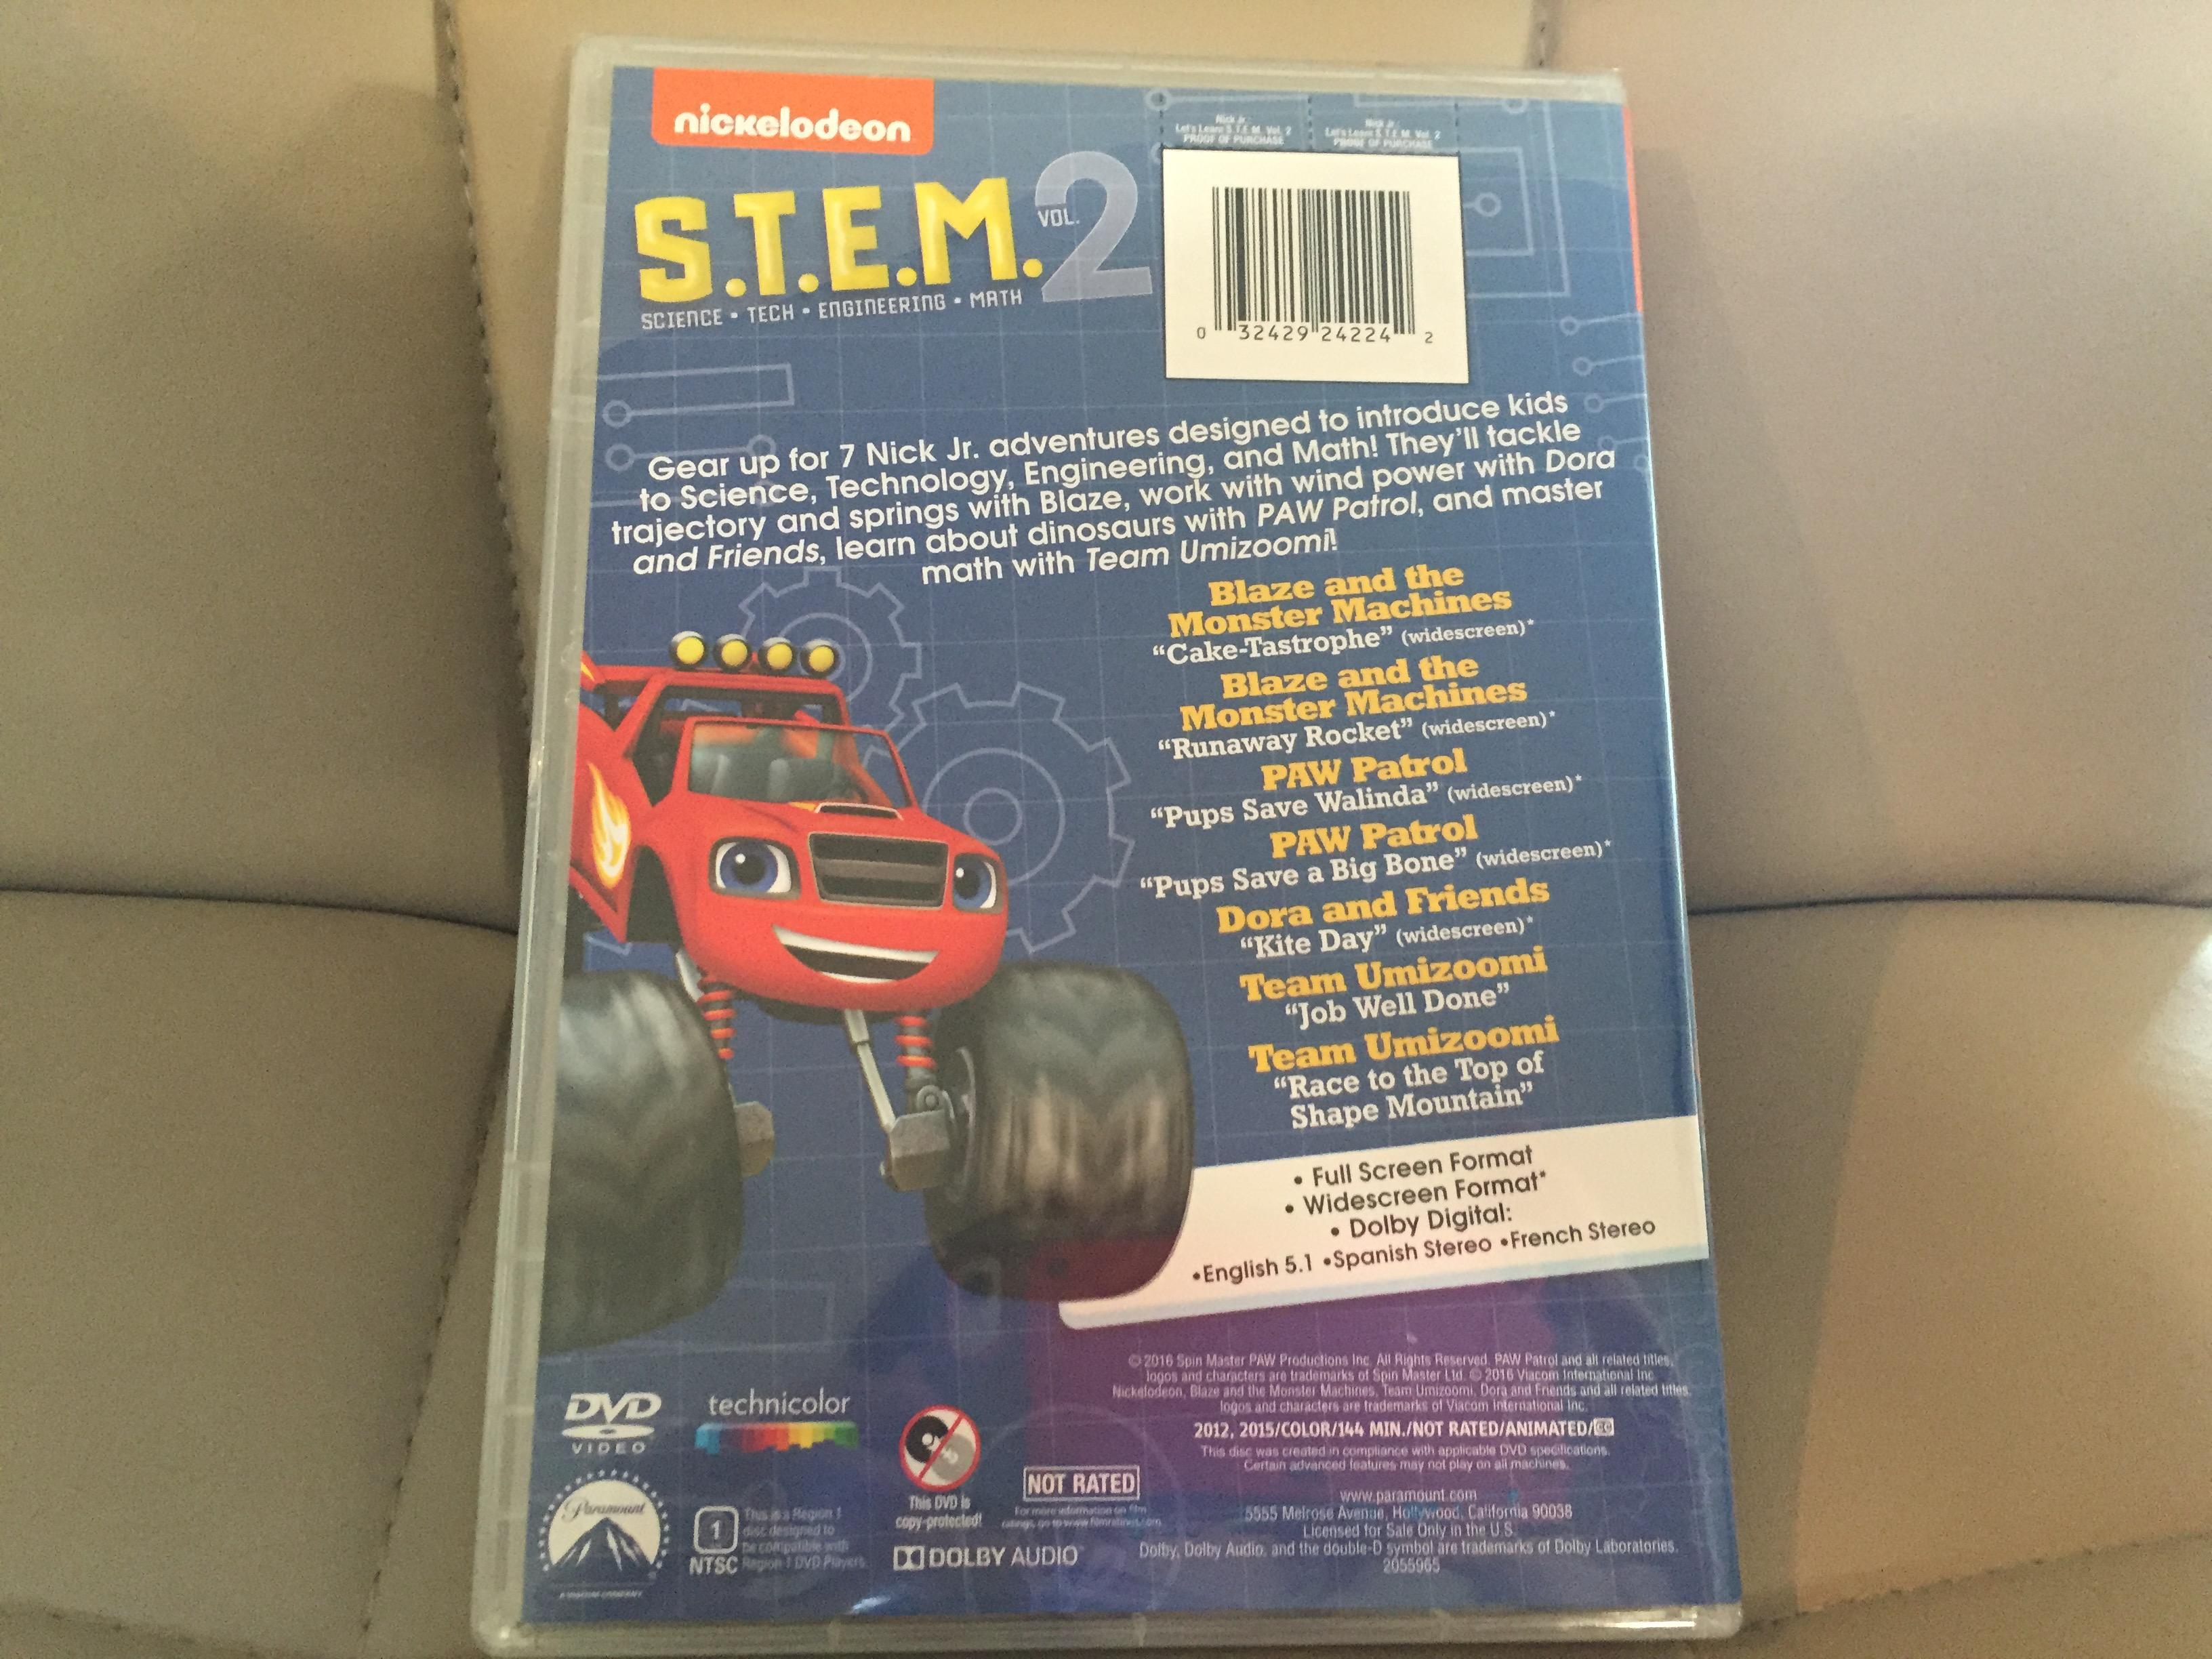 Pics photos description from nick jr favorites vol 2 dvd wallpaper - Img_2962 Img_2963 Fullsizerender Nickelodeon S Let S Learn S T E M Volume 2